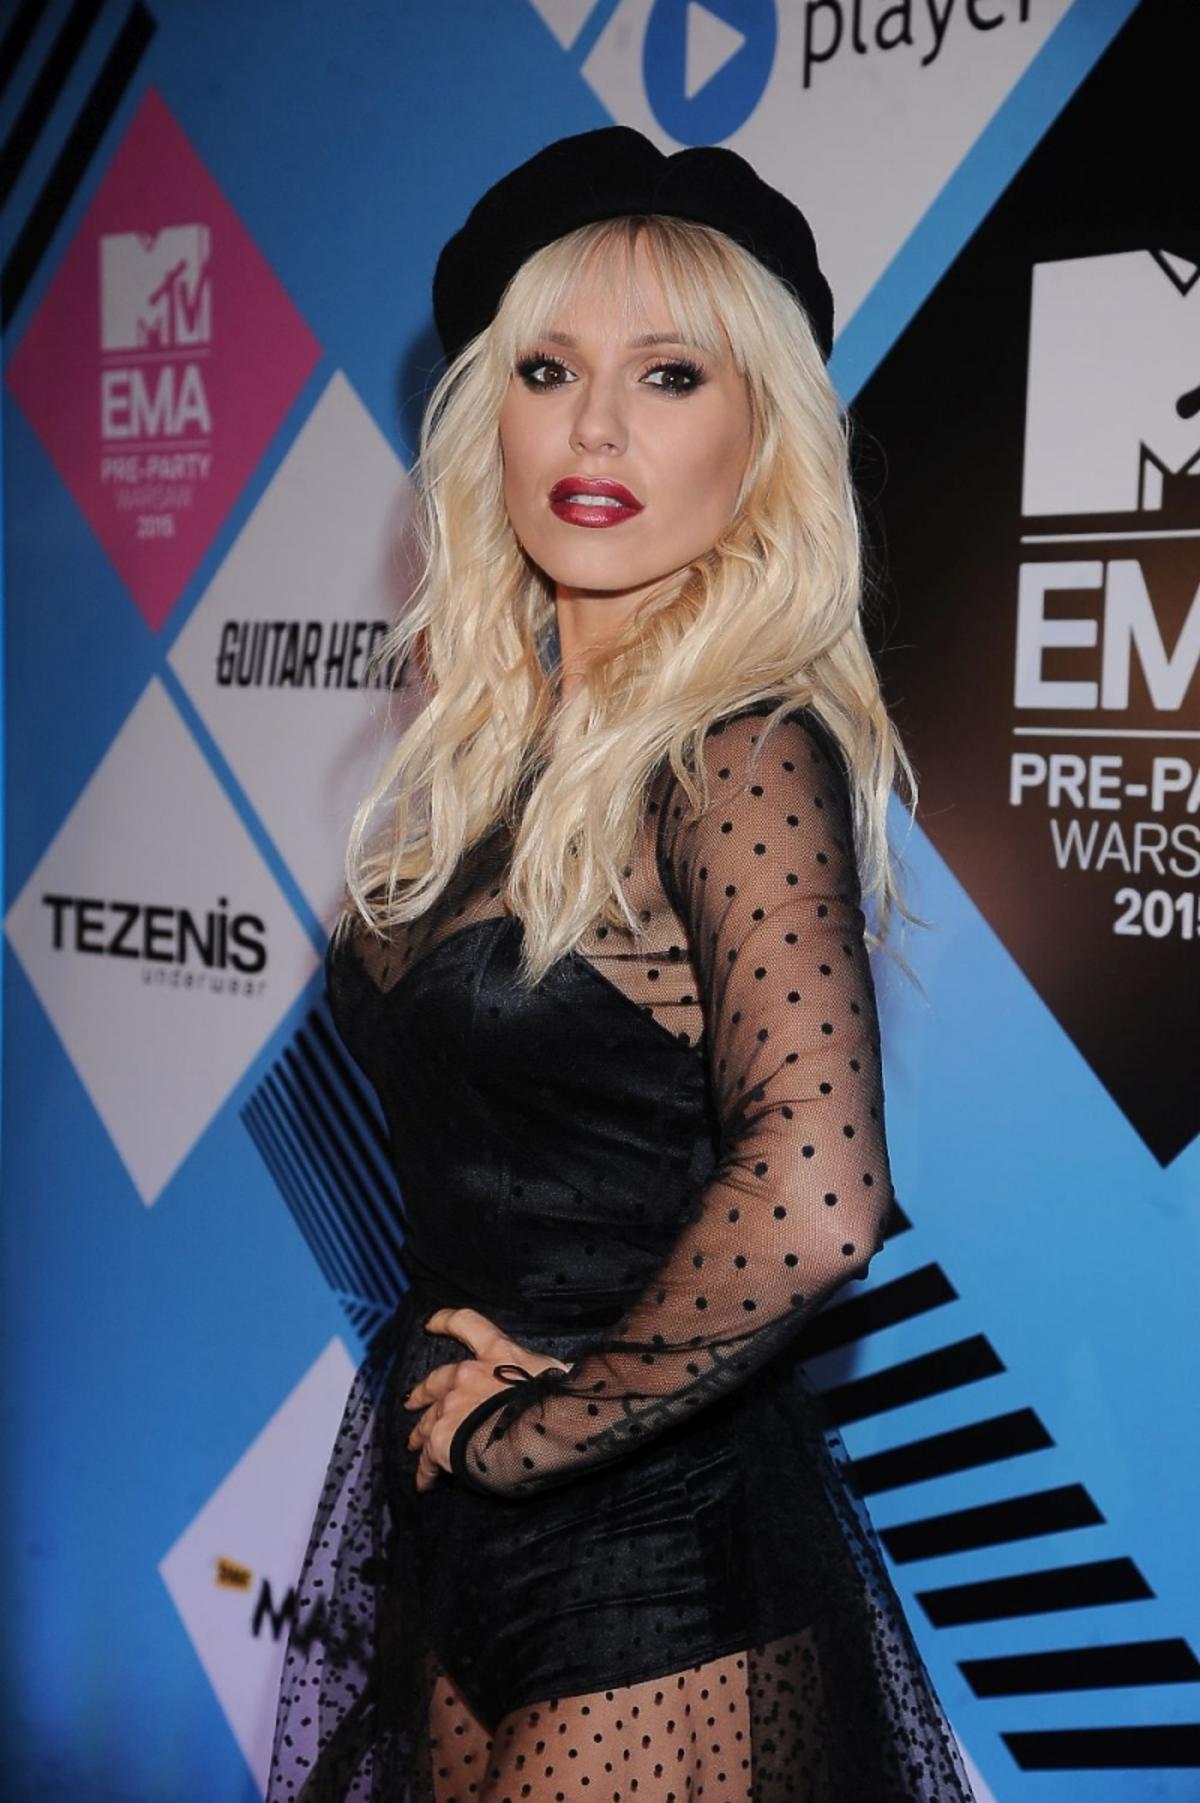 Doda na MTV EMA PRE-PARTY w berecie